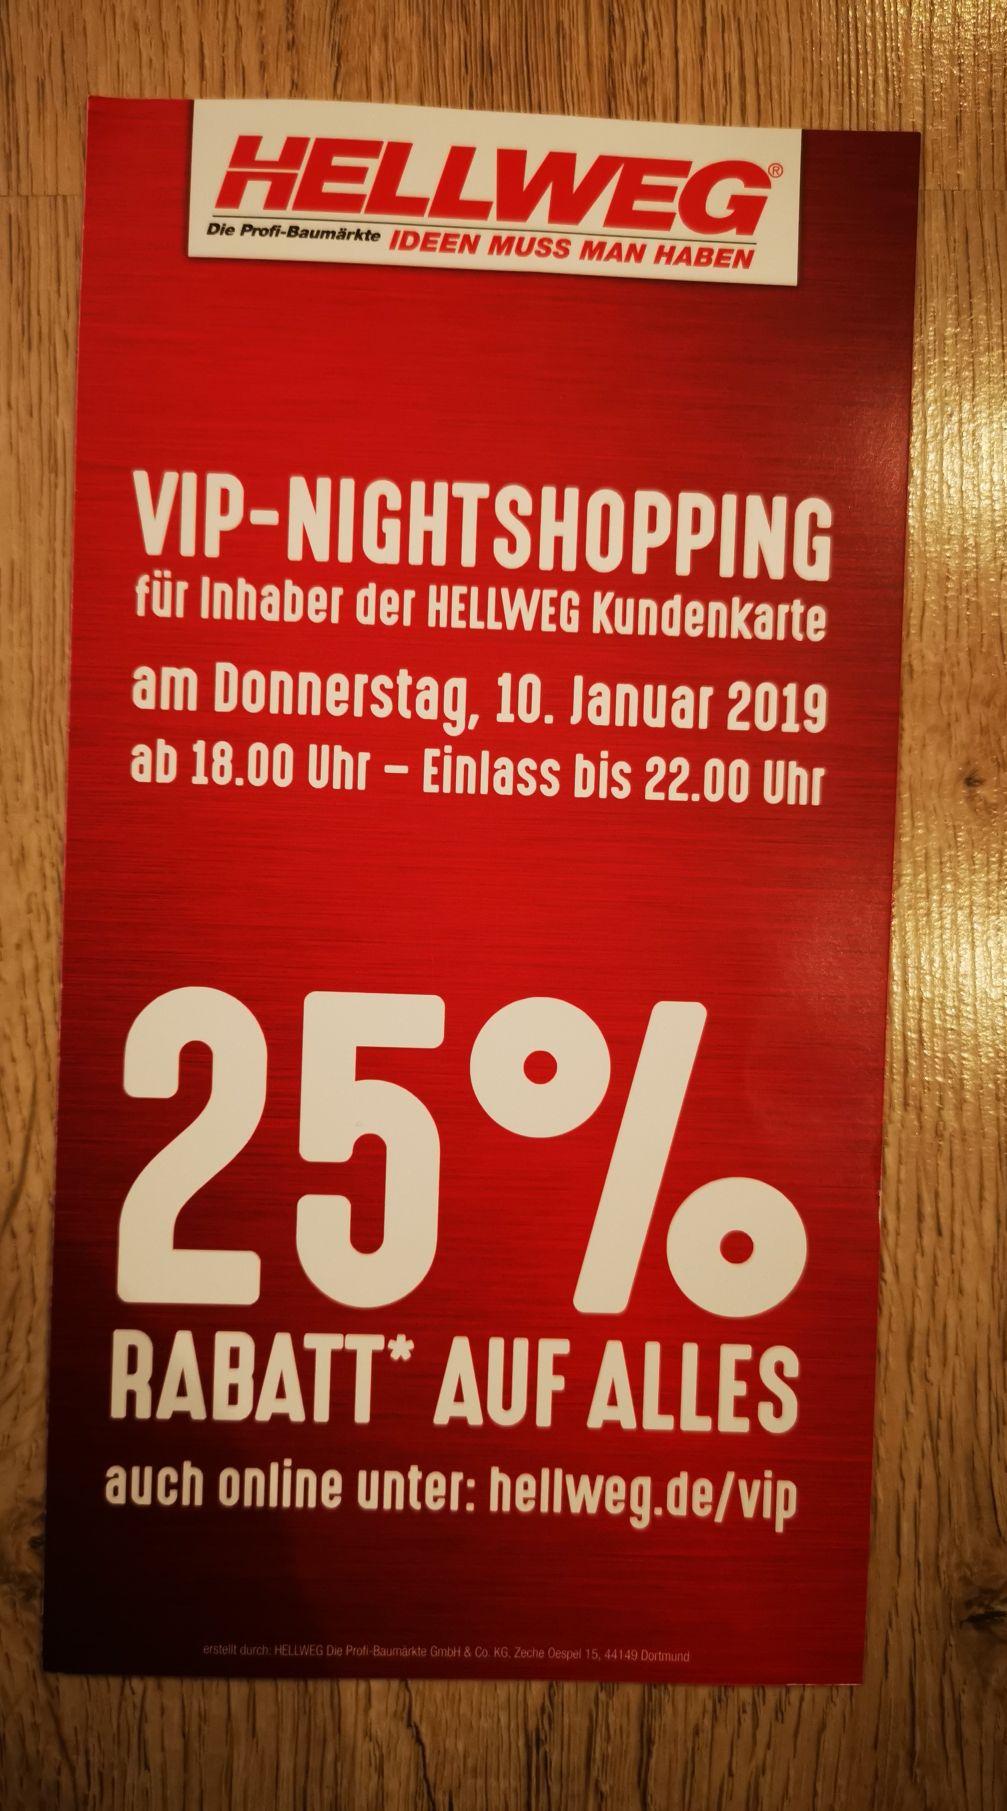 Hellweg 25% Rabatt für alle Inhaber der Hellweg Kundenkarte